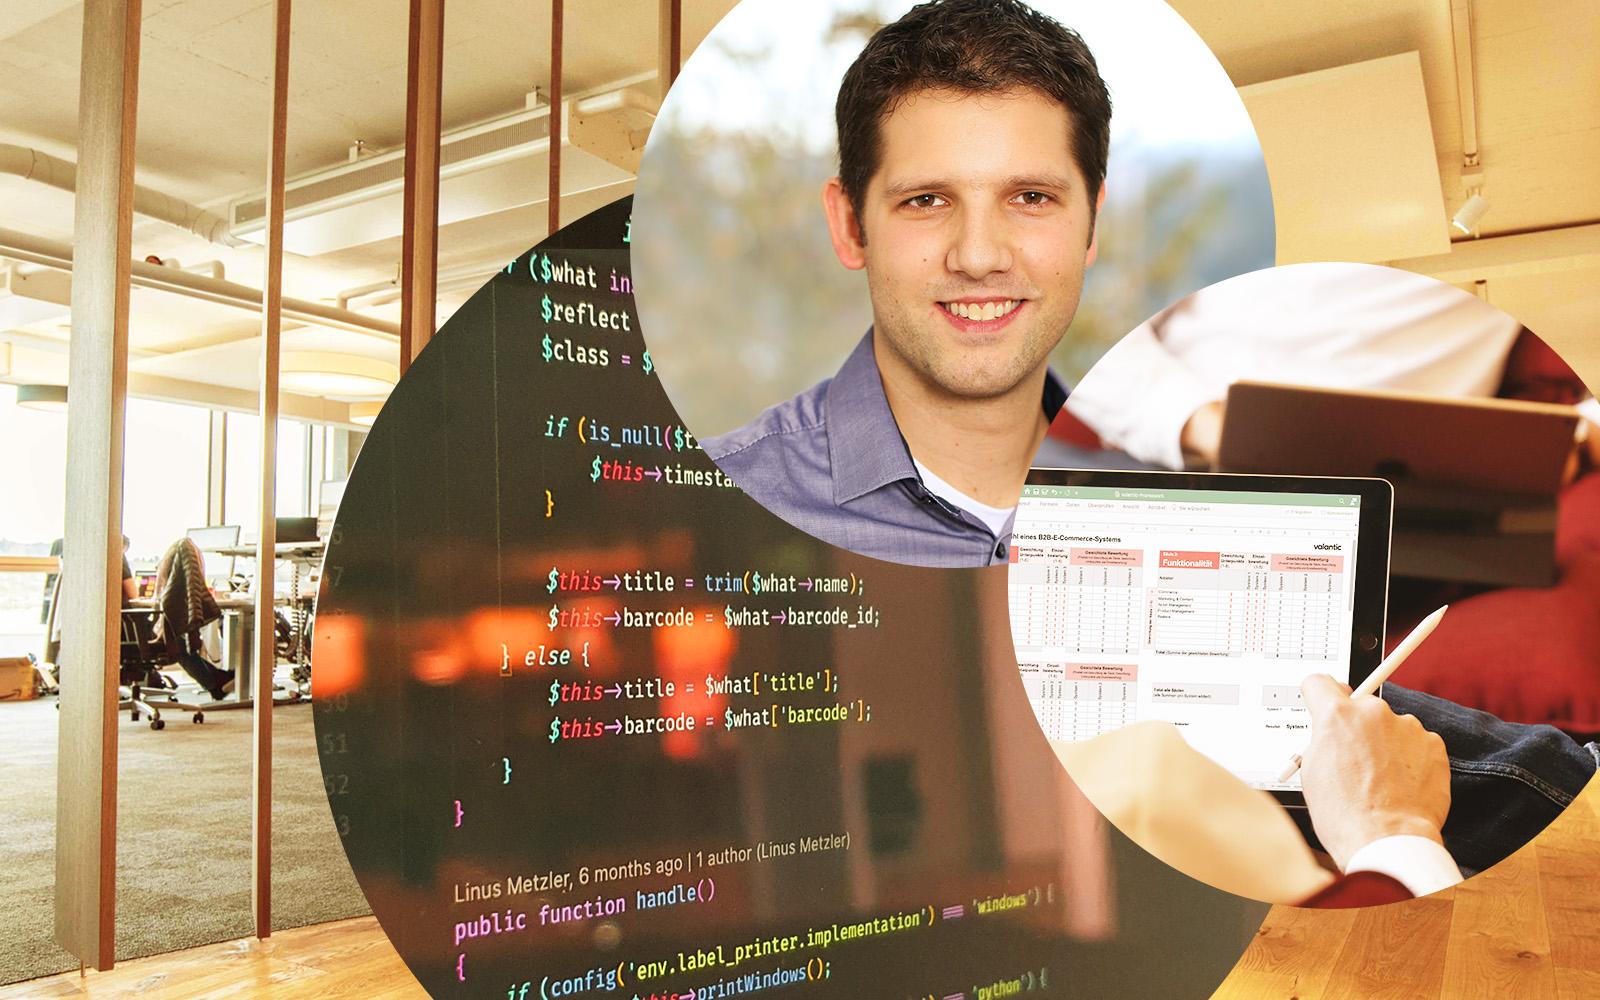 Bild von Fabian Saccilotto, Head of Technology and Innovation bei valantic Schweiz